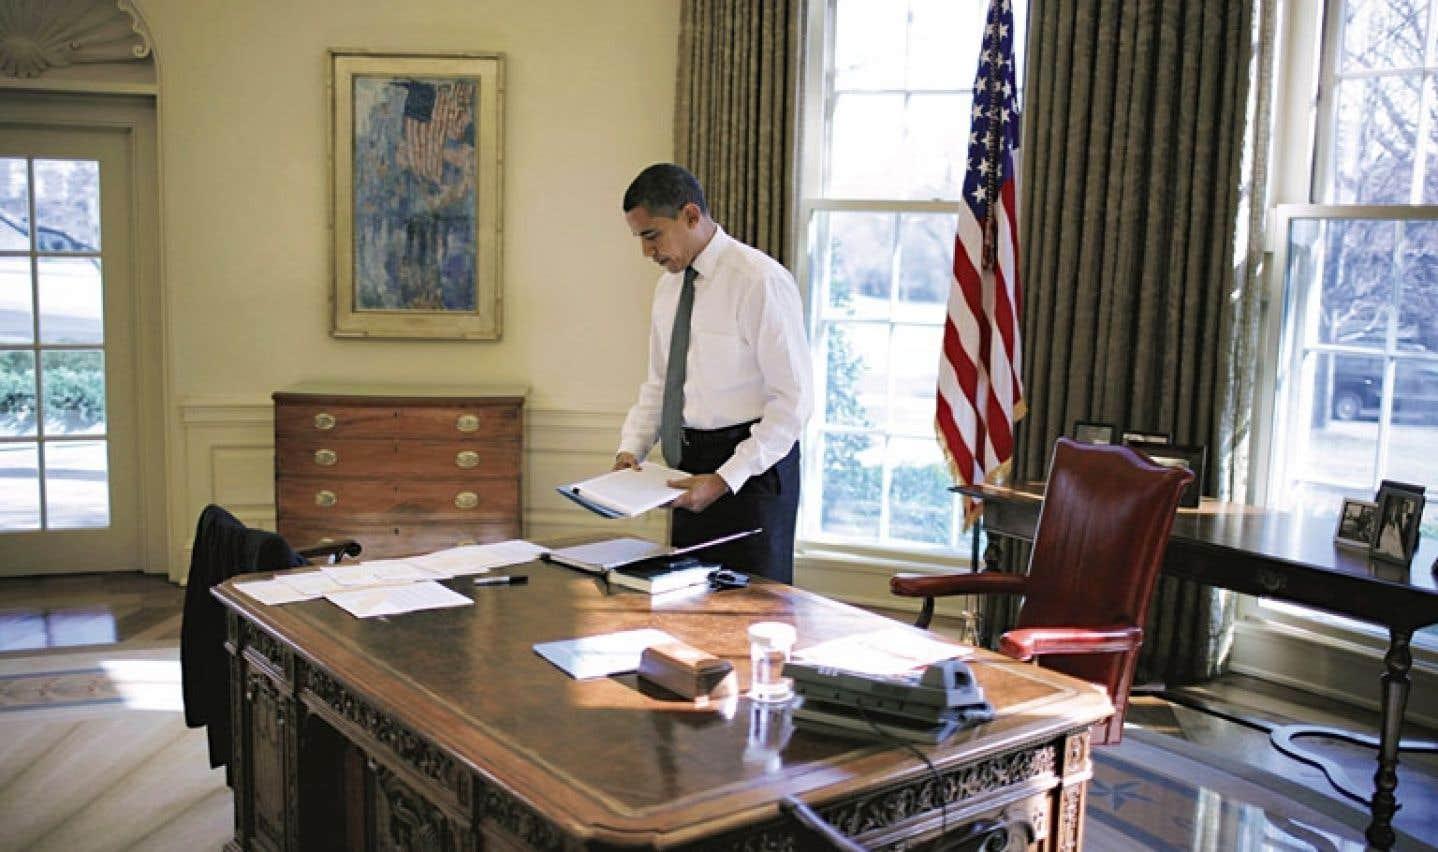 De nombreux défis - Obama II redonnera-t-il espoir?